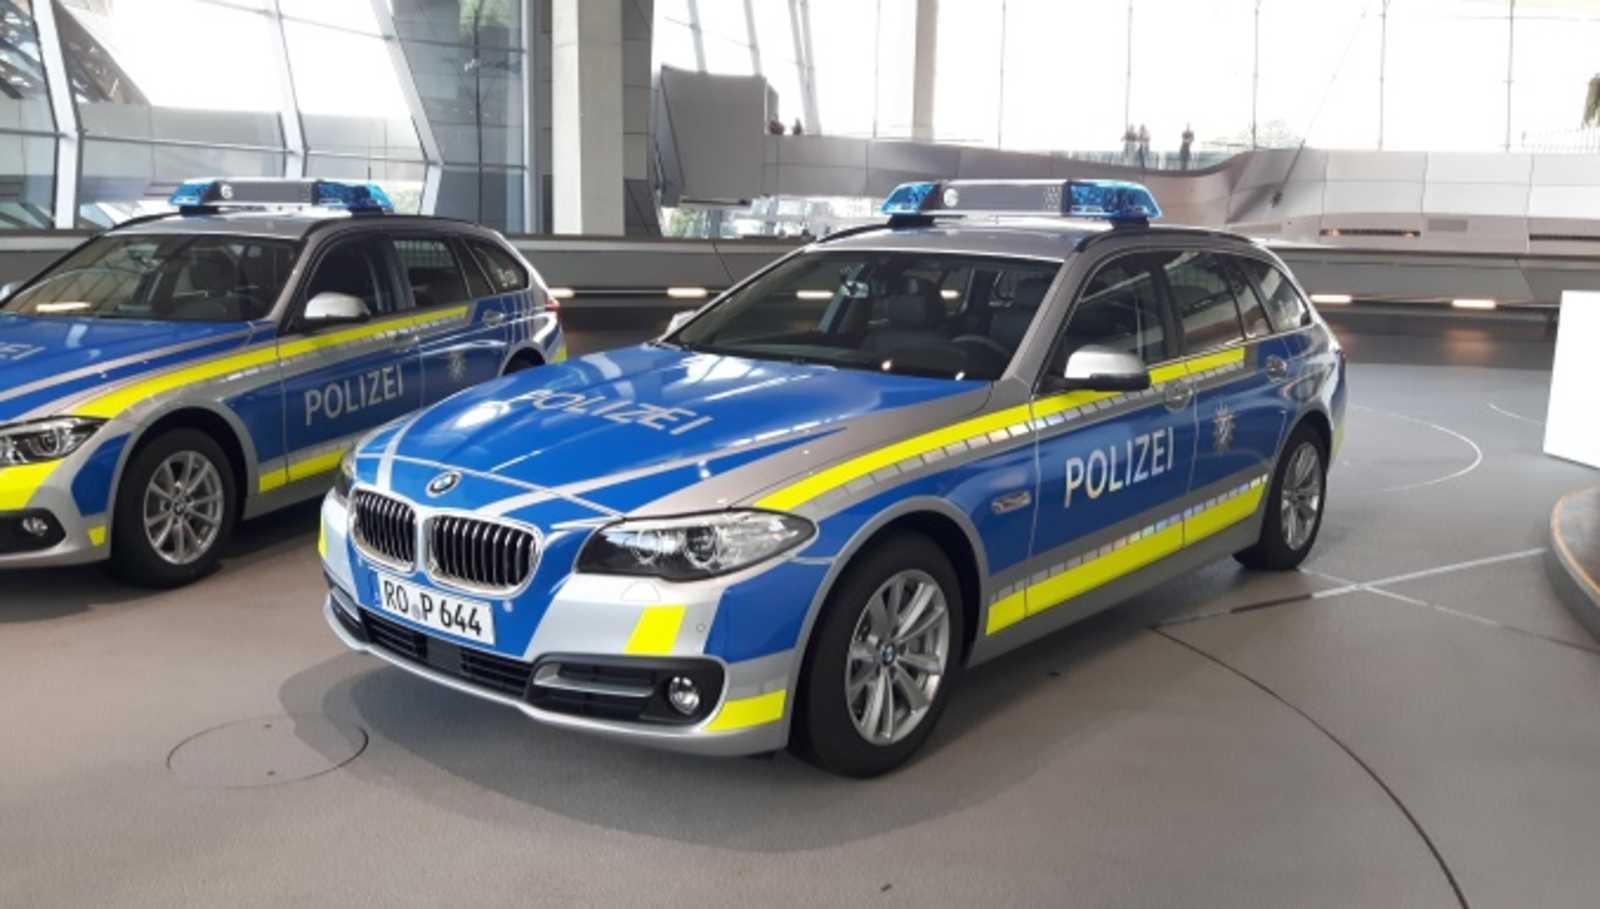 Polizei Bayern Fahrzeuge